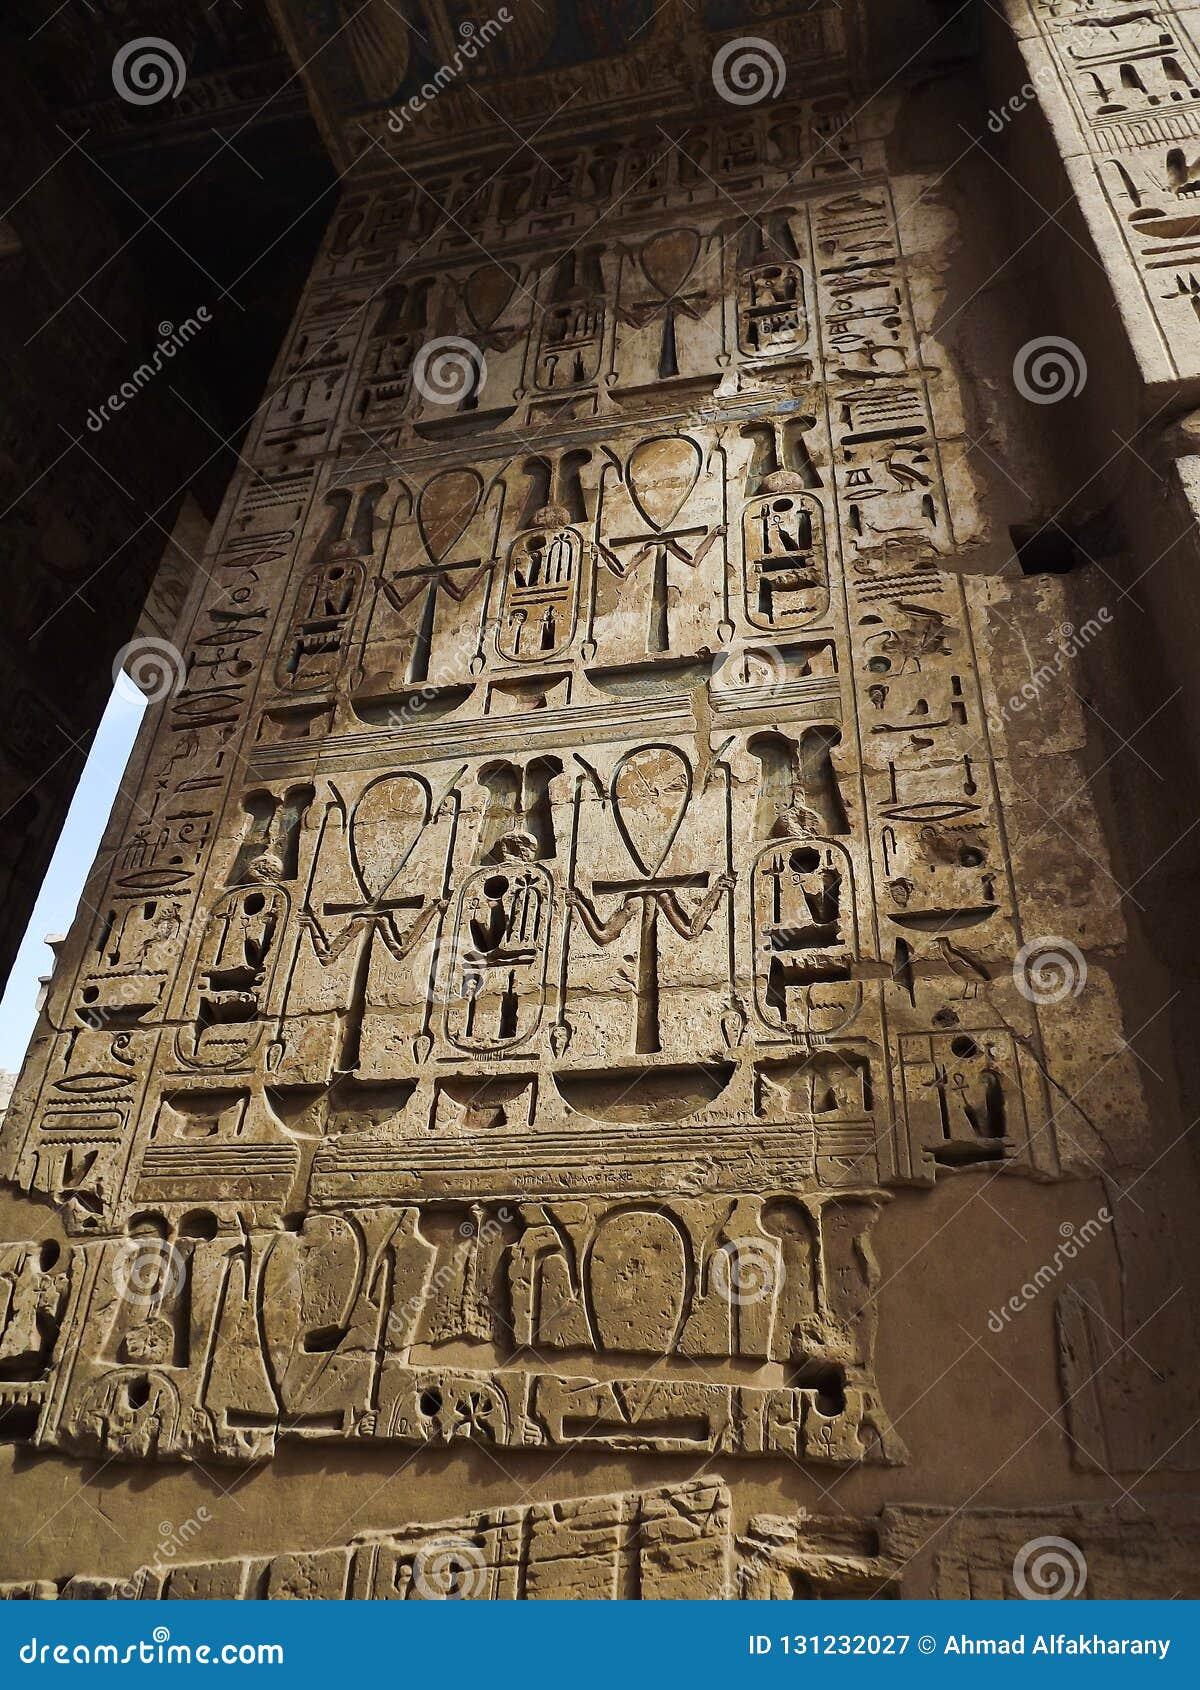 Ancient symbols hieroglyphics